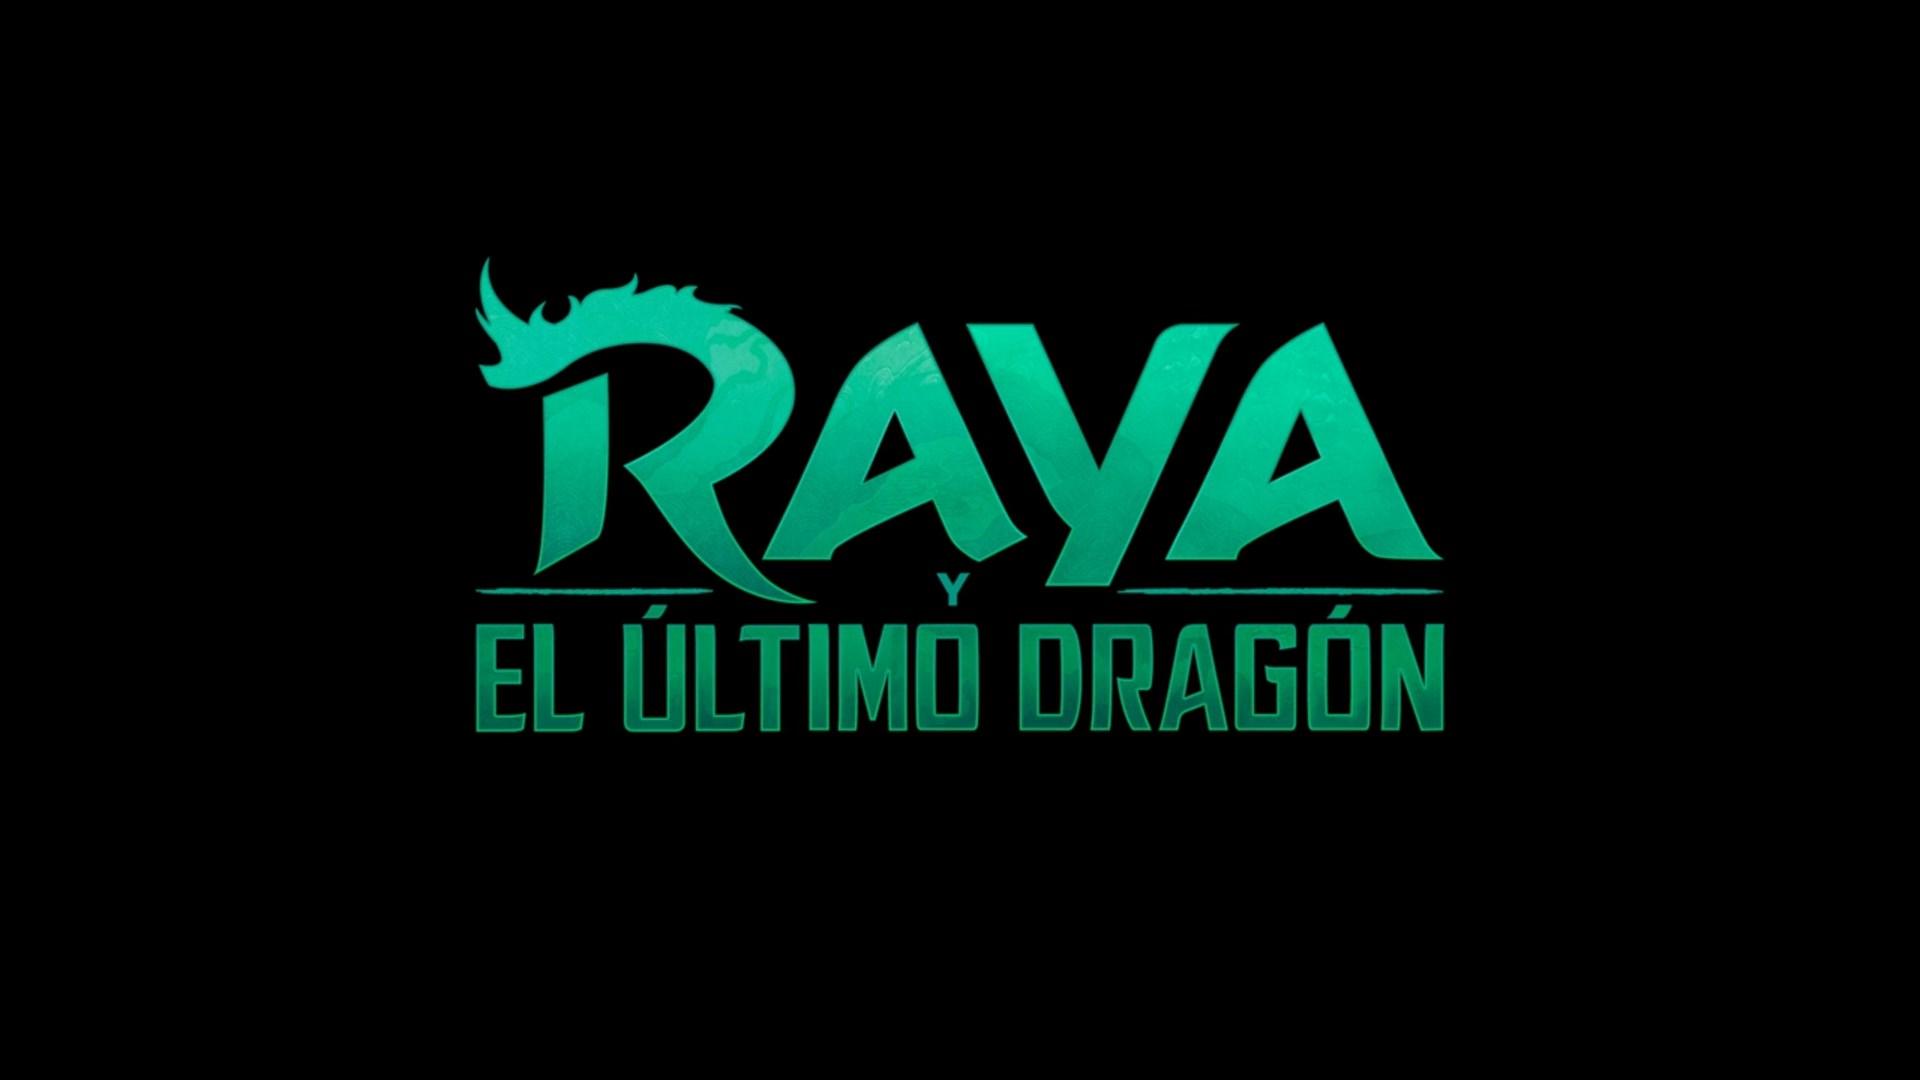 Raya y el último dragón (Spanish Version) (2021) 1080p WEB-DL Latino